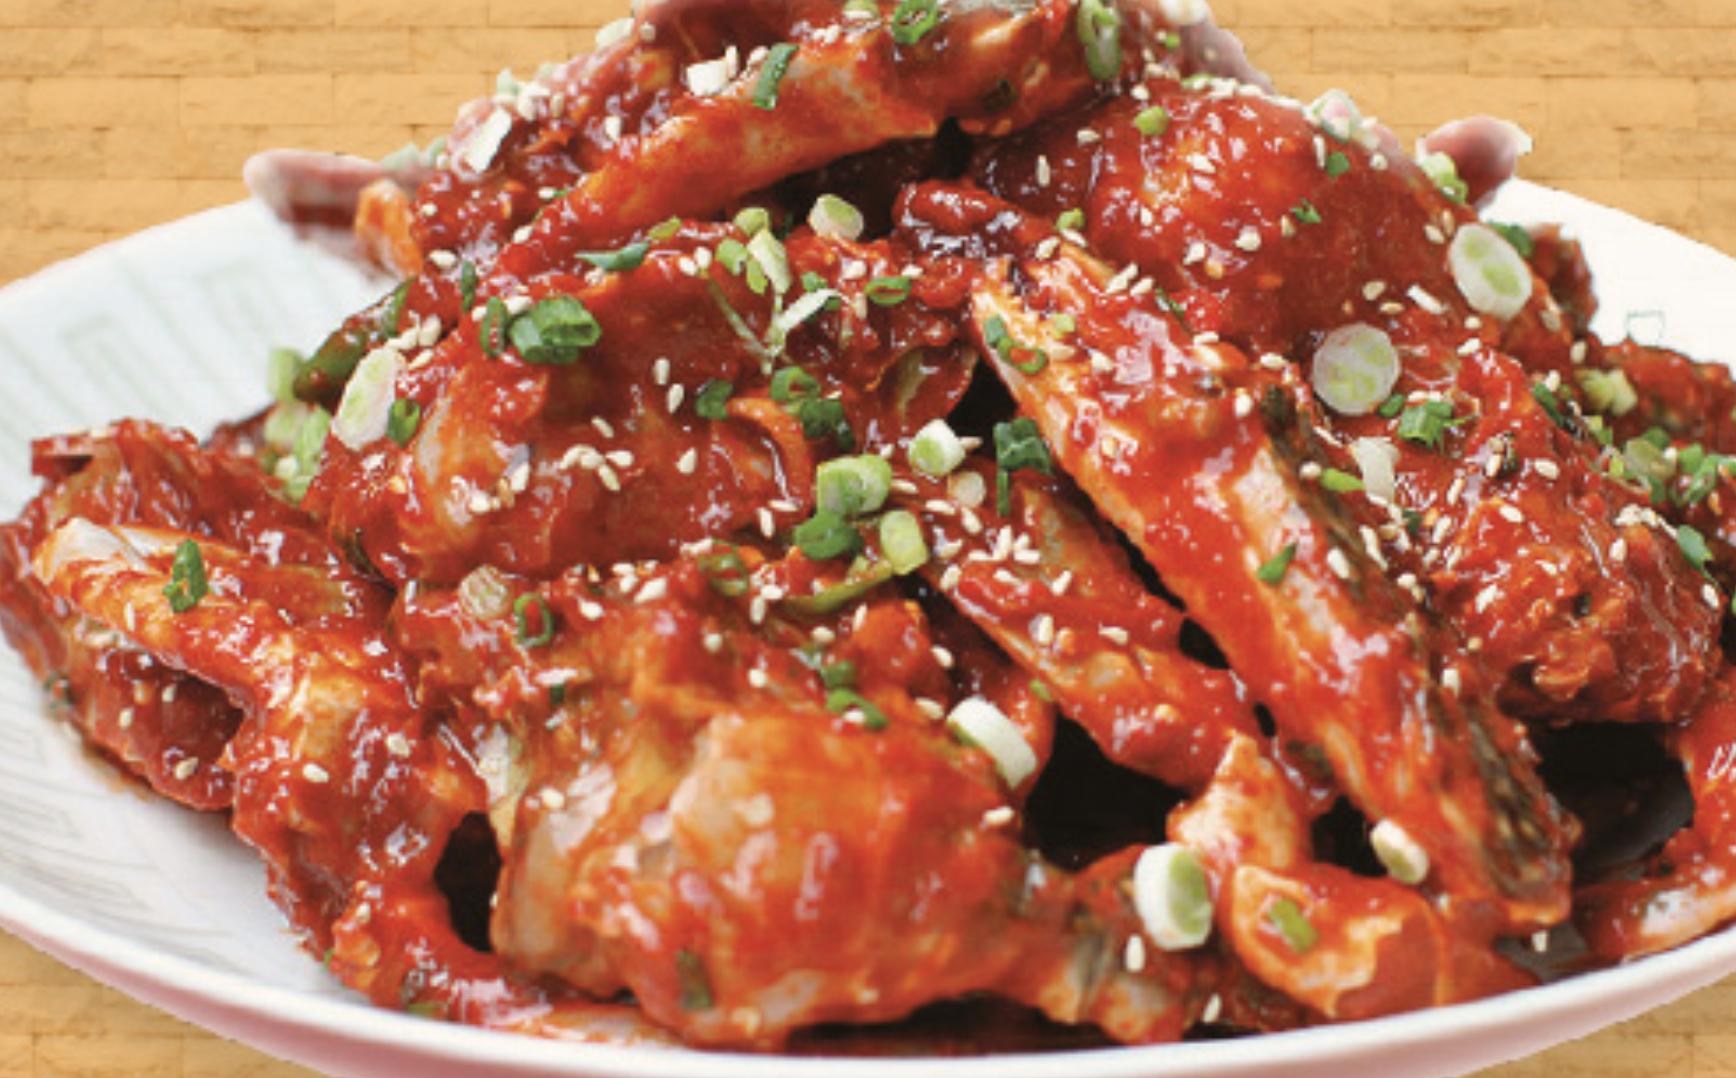 韓国の辛い料理14選!ピリ辛から激辛までレベル別に紹介!